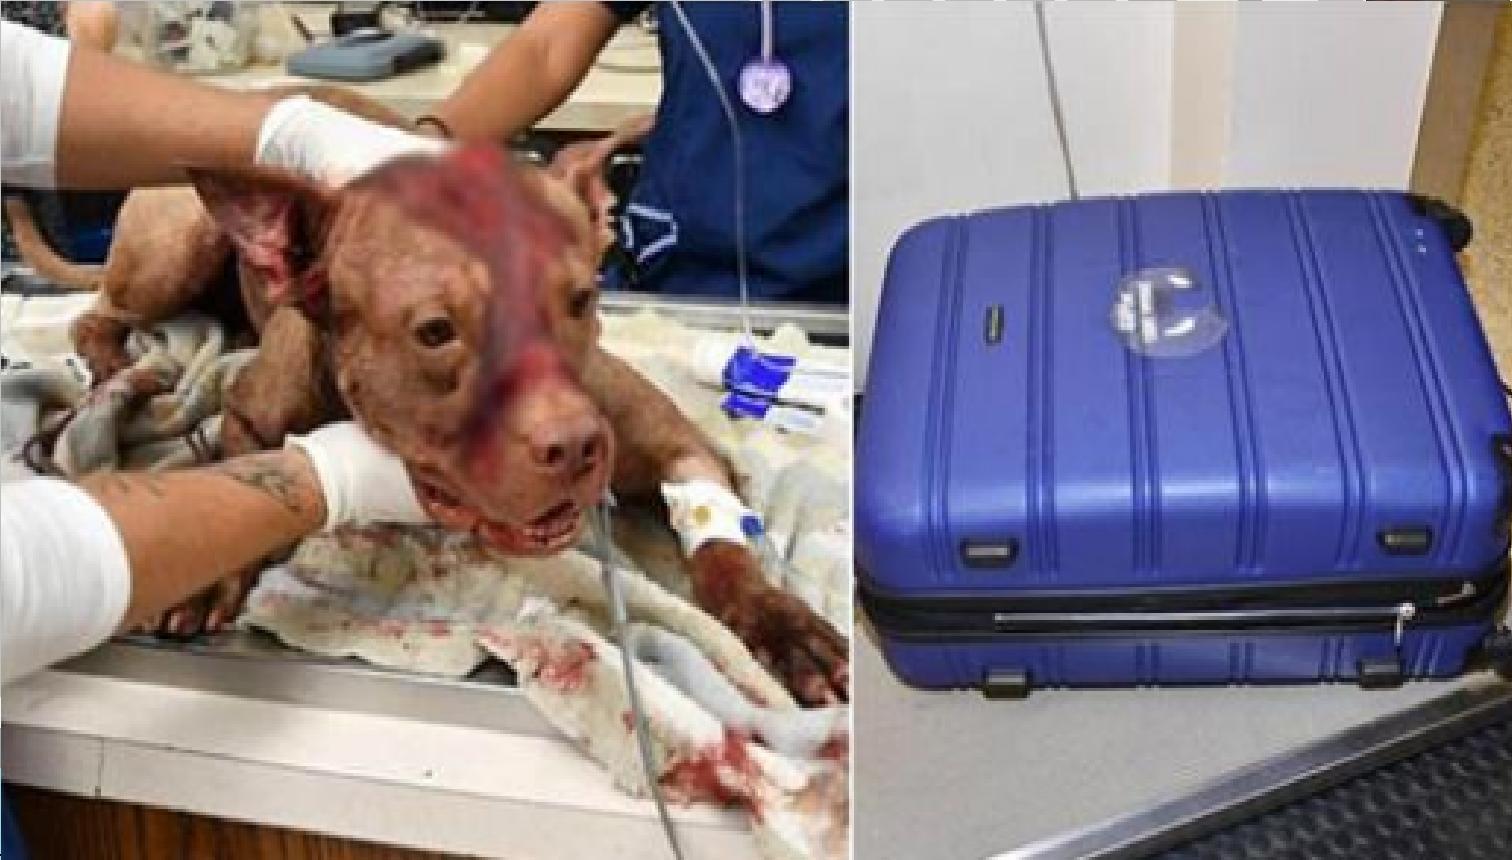 Encuentran un cachorro apuñalado escondido en una maleta y dado por muerto en un edificio descuidado